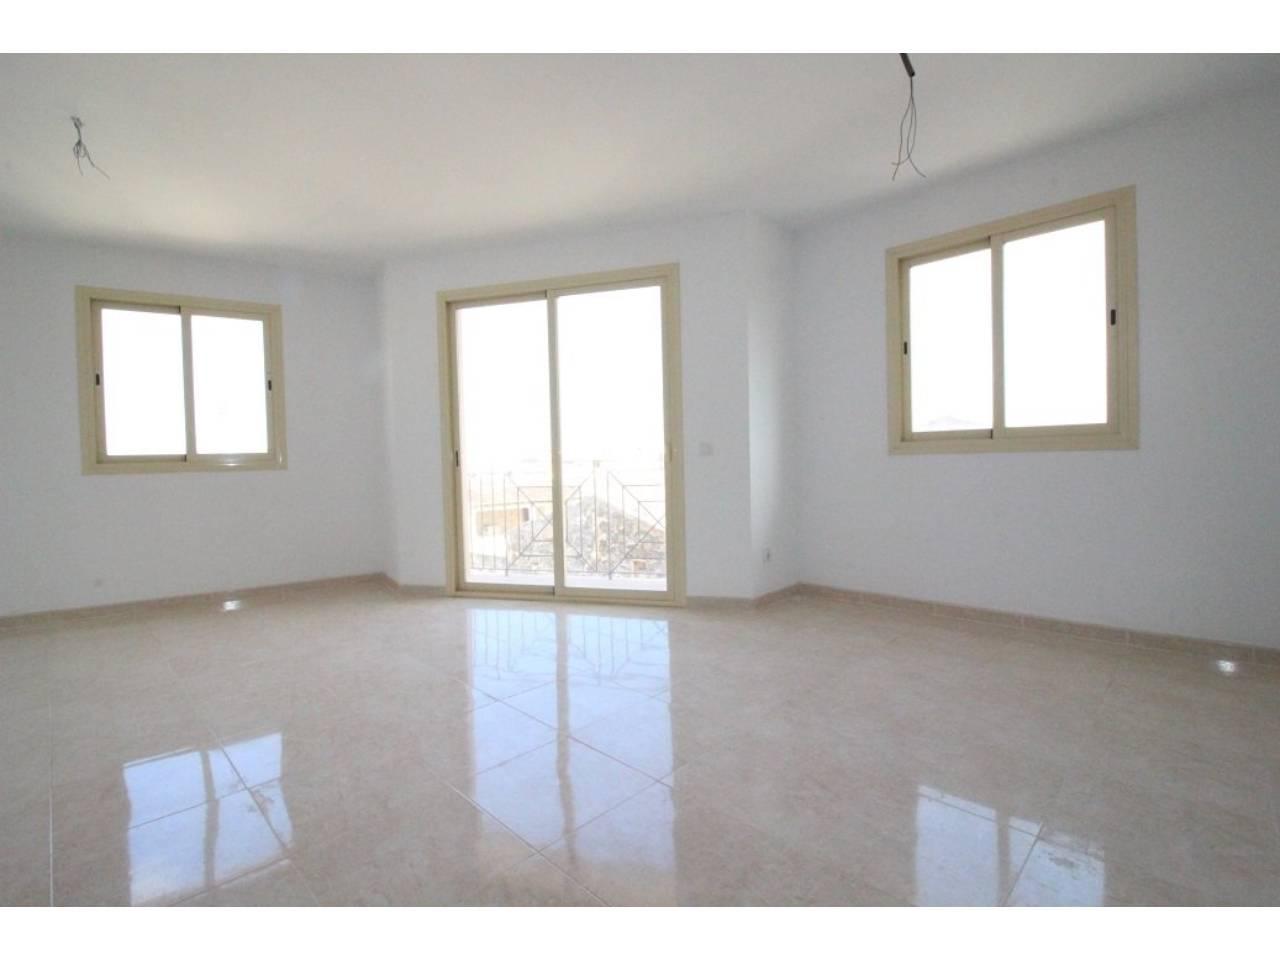 Flat  Sa pobla. Ático  de 3 habitaciones con 2 baños con terraza independiente q